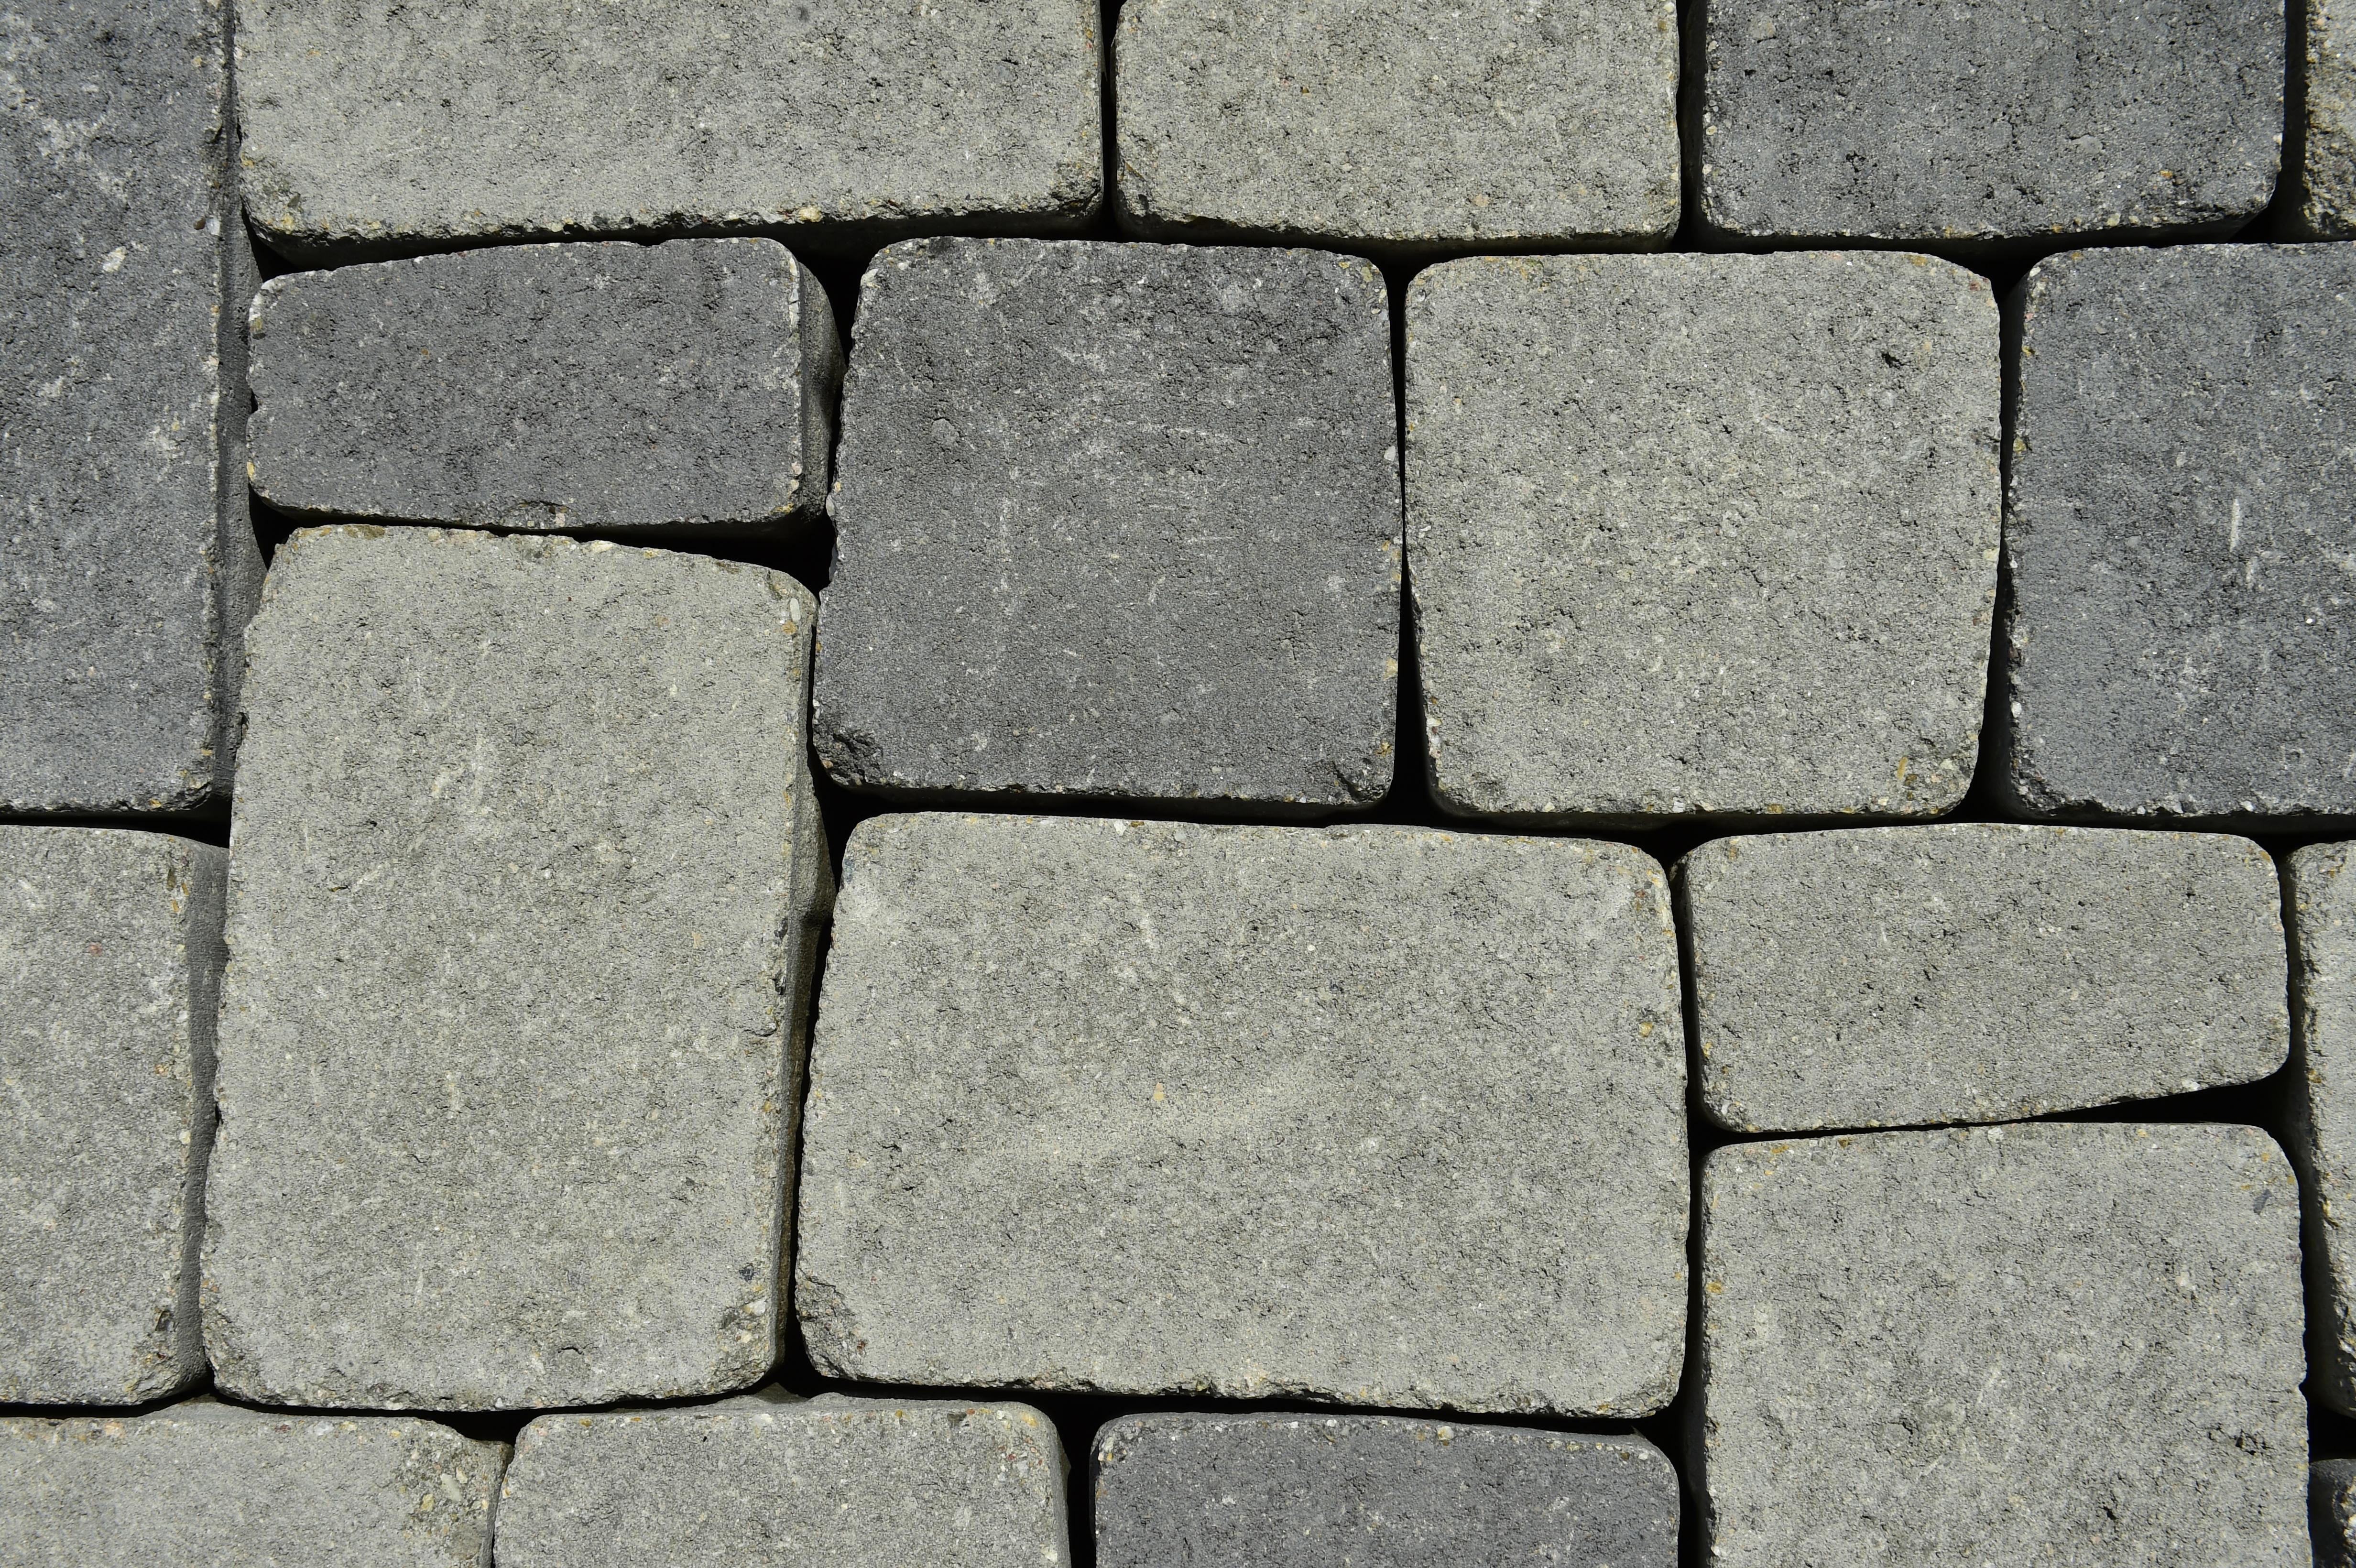 kemmler granit pflaster 90x90x80 mm, gestockt/gesägt, grau 603 | www